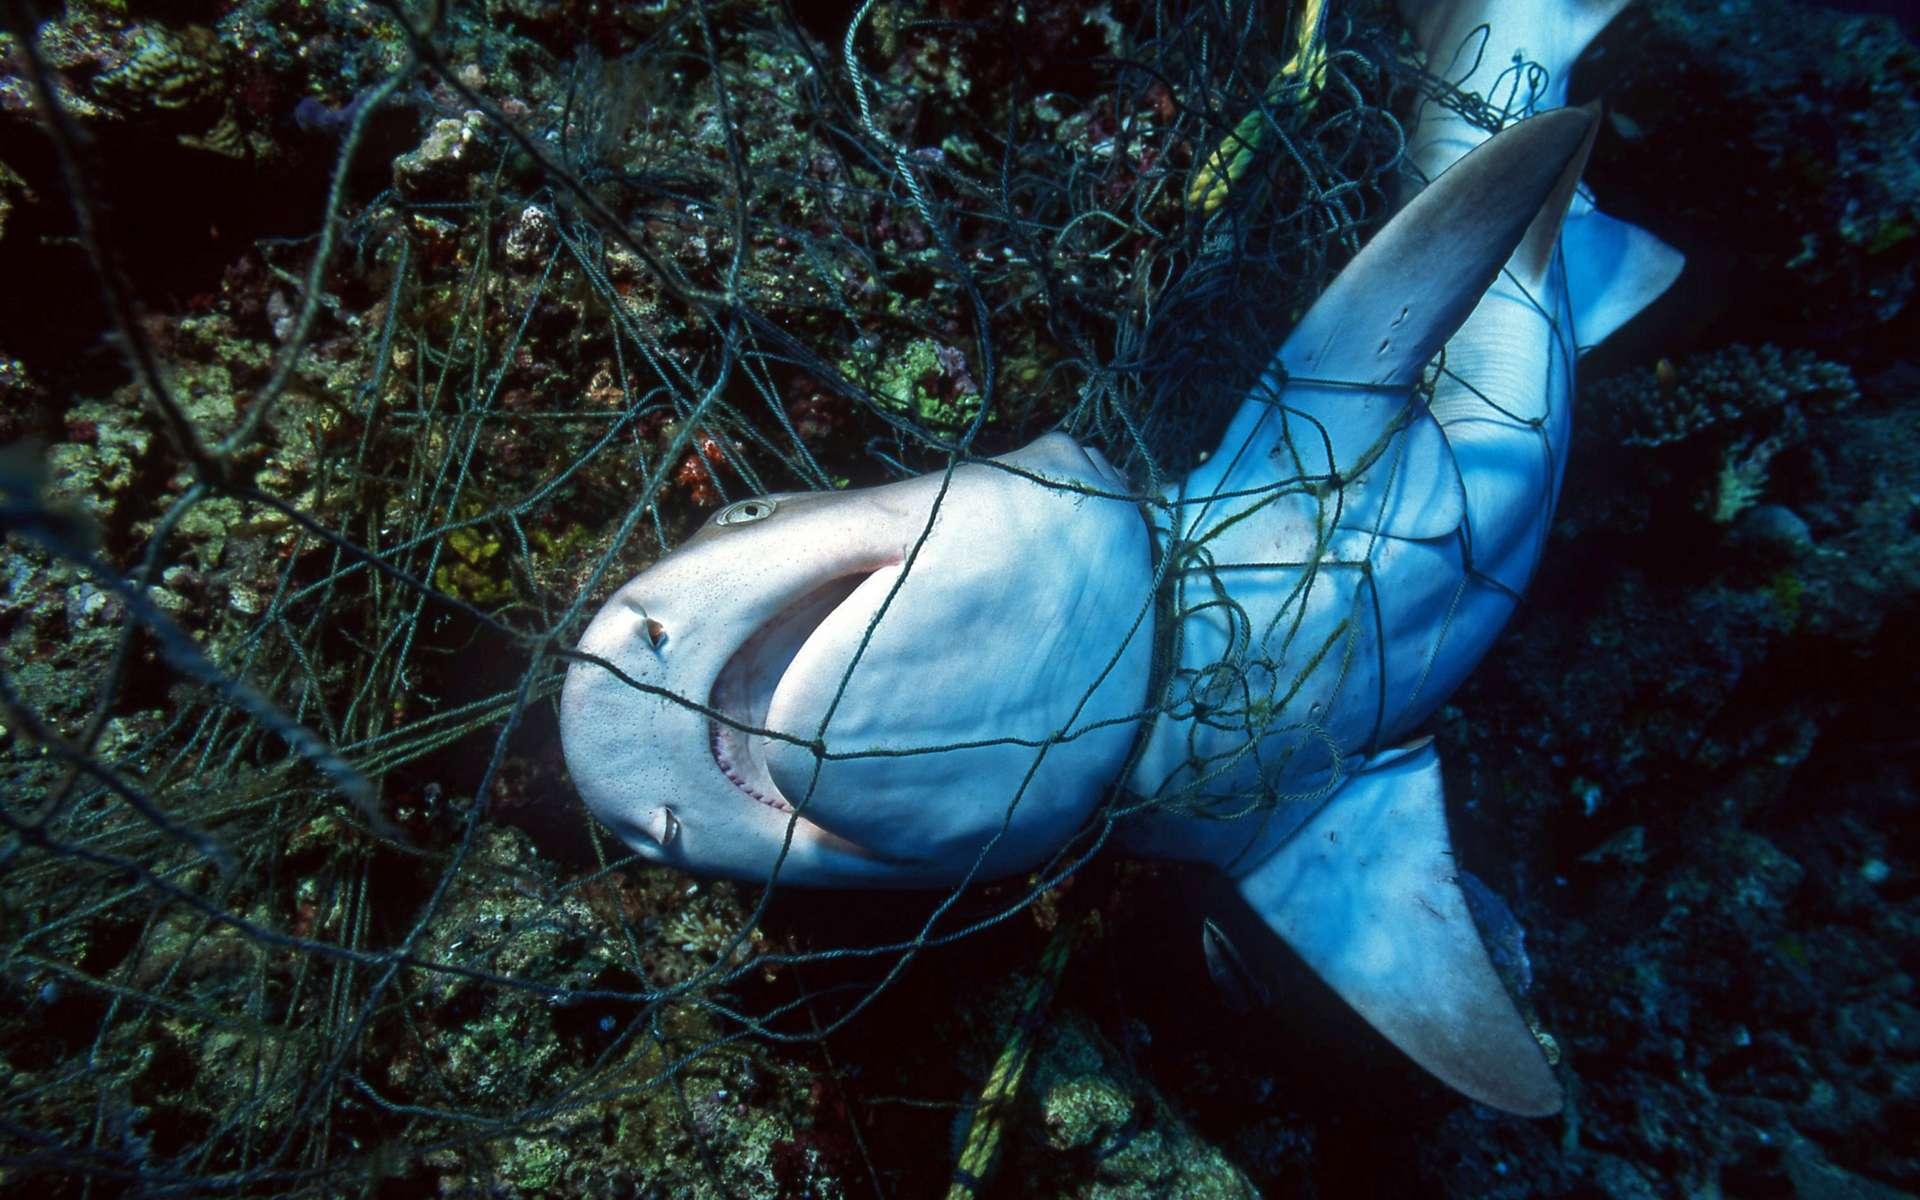 Les populations de requins et de raies déclinent en raison de la surpêche principalement en raison de la surpêche. © VisionDive, Adobe Stock